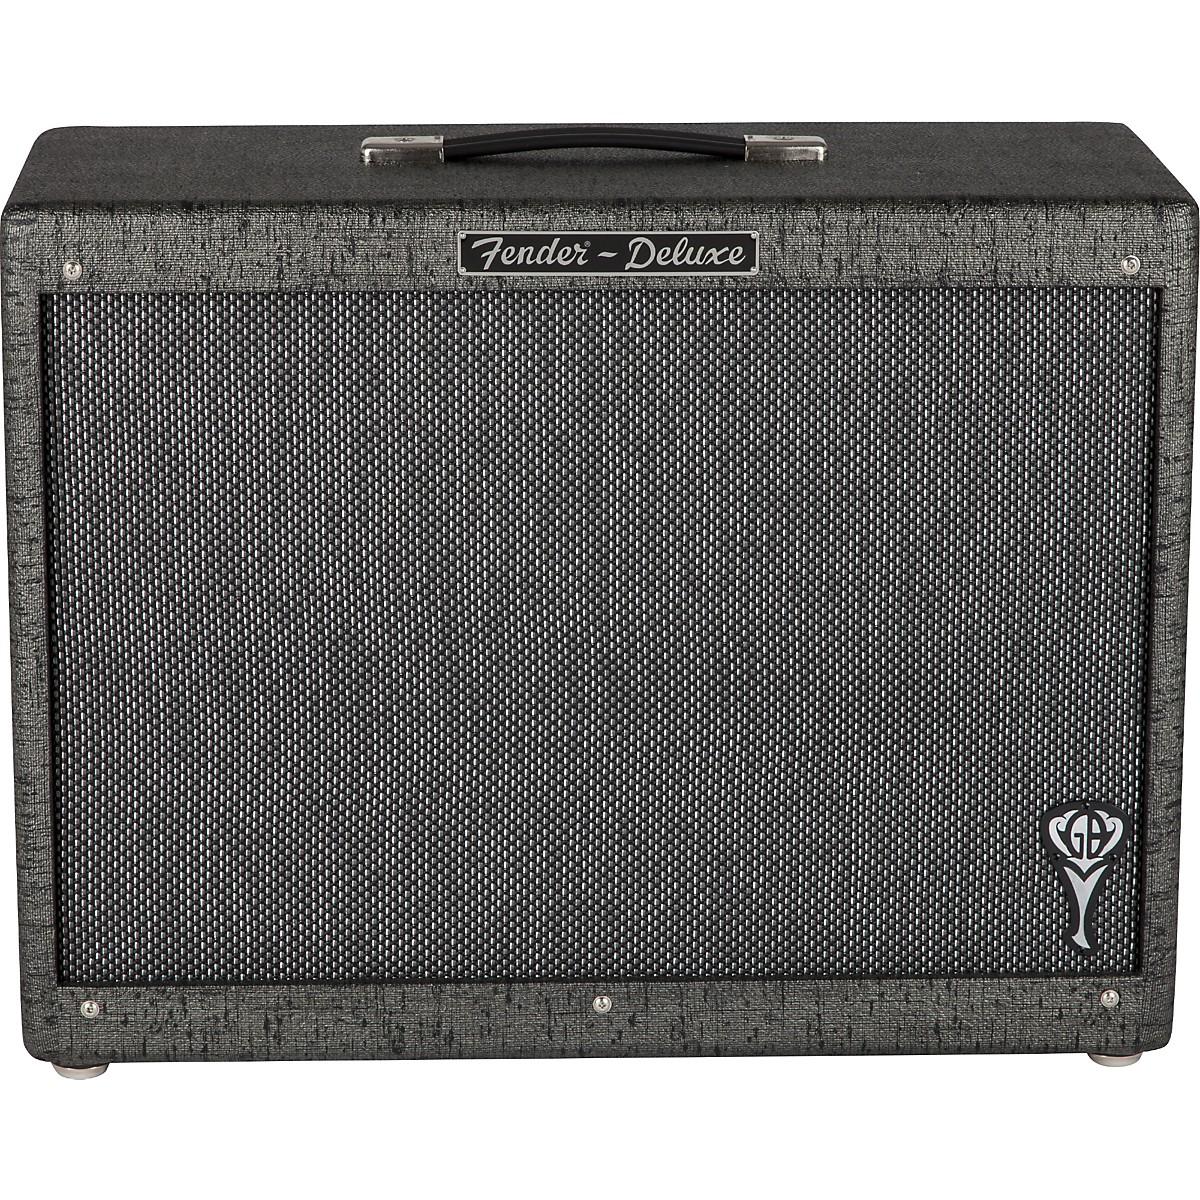 Fender George Benson Signature Hot Rod 1x12 Guitar Cab